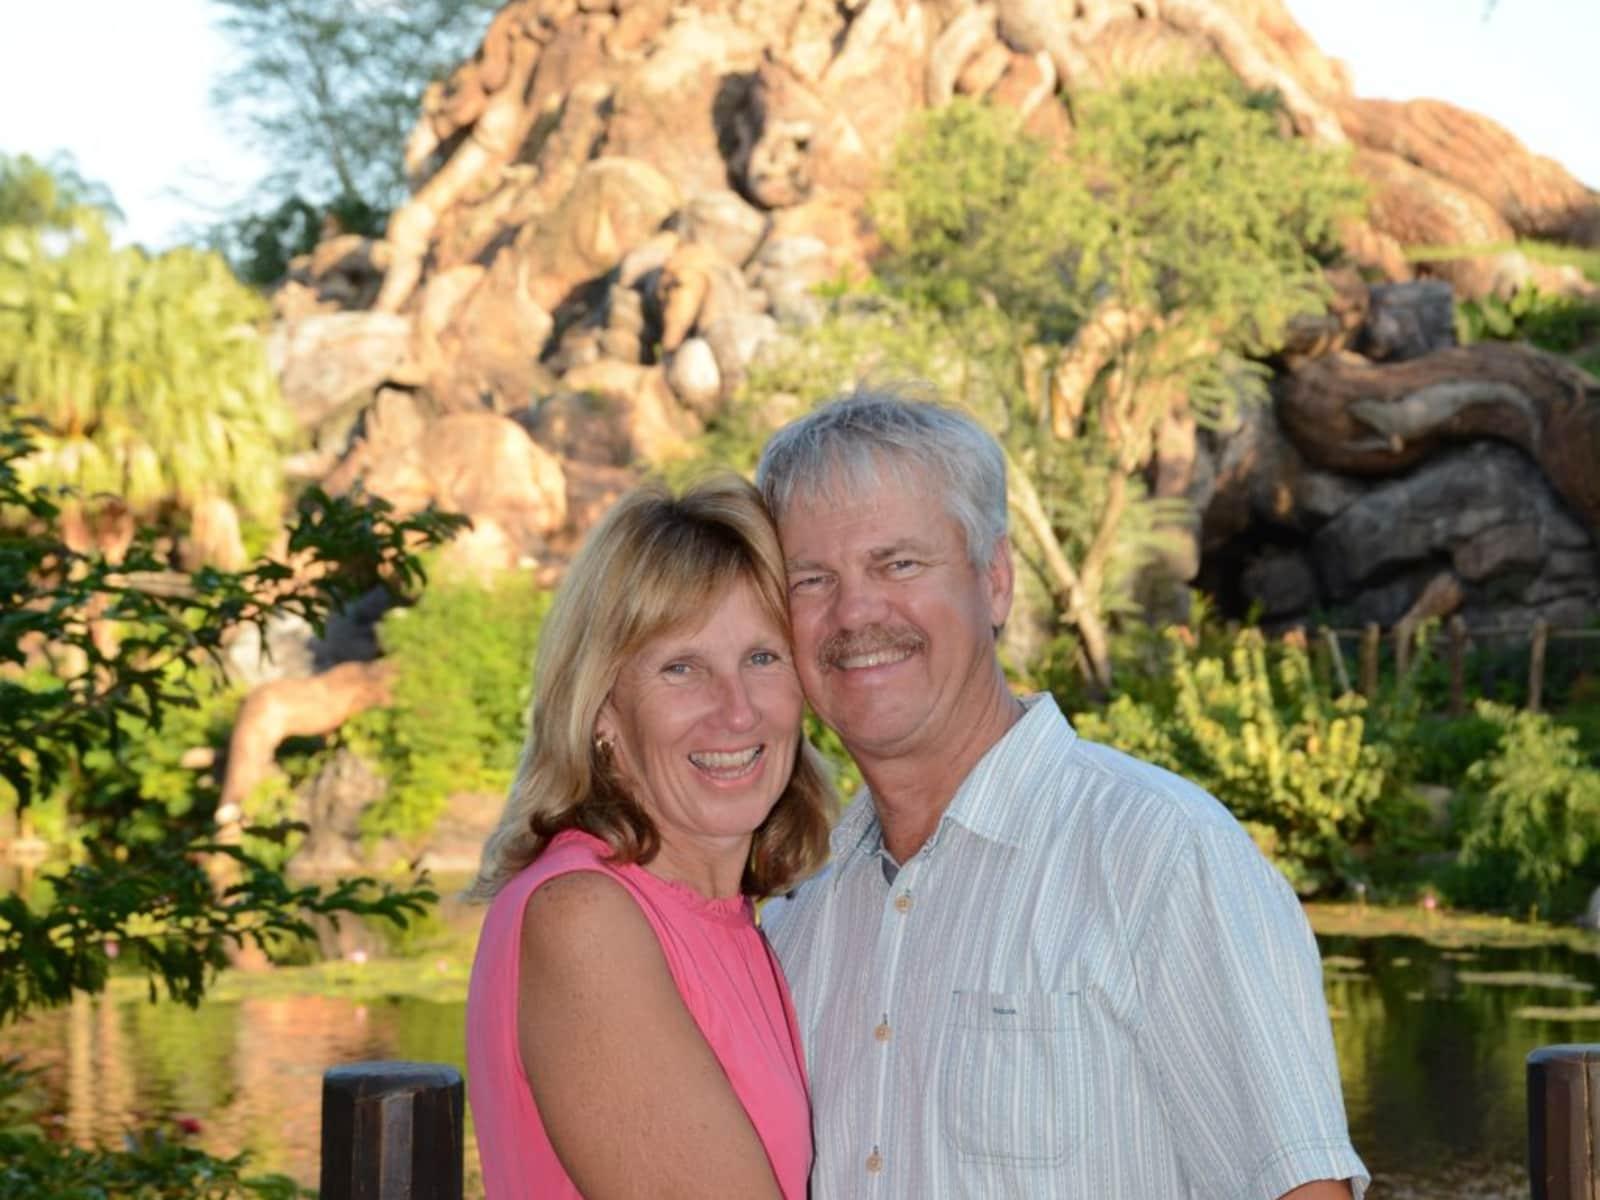 Joanne & Alexander (sandy) from Nelson, New Zealand